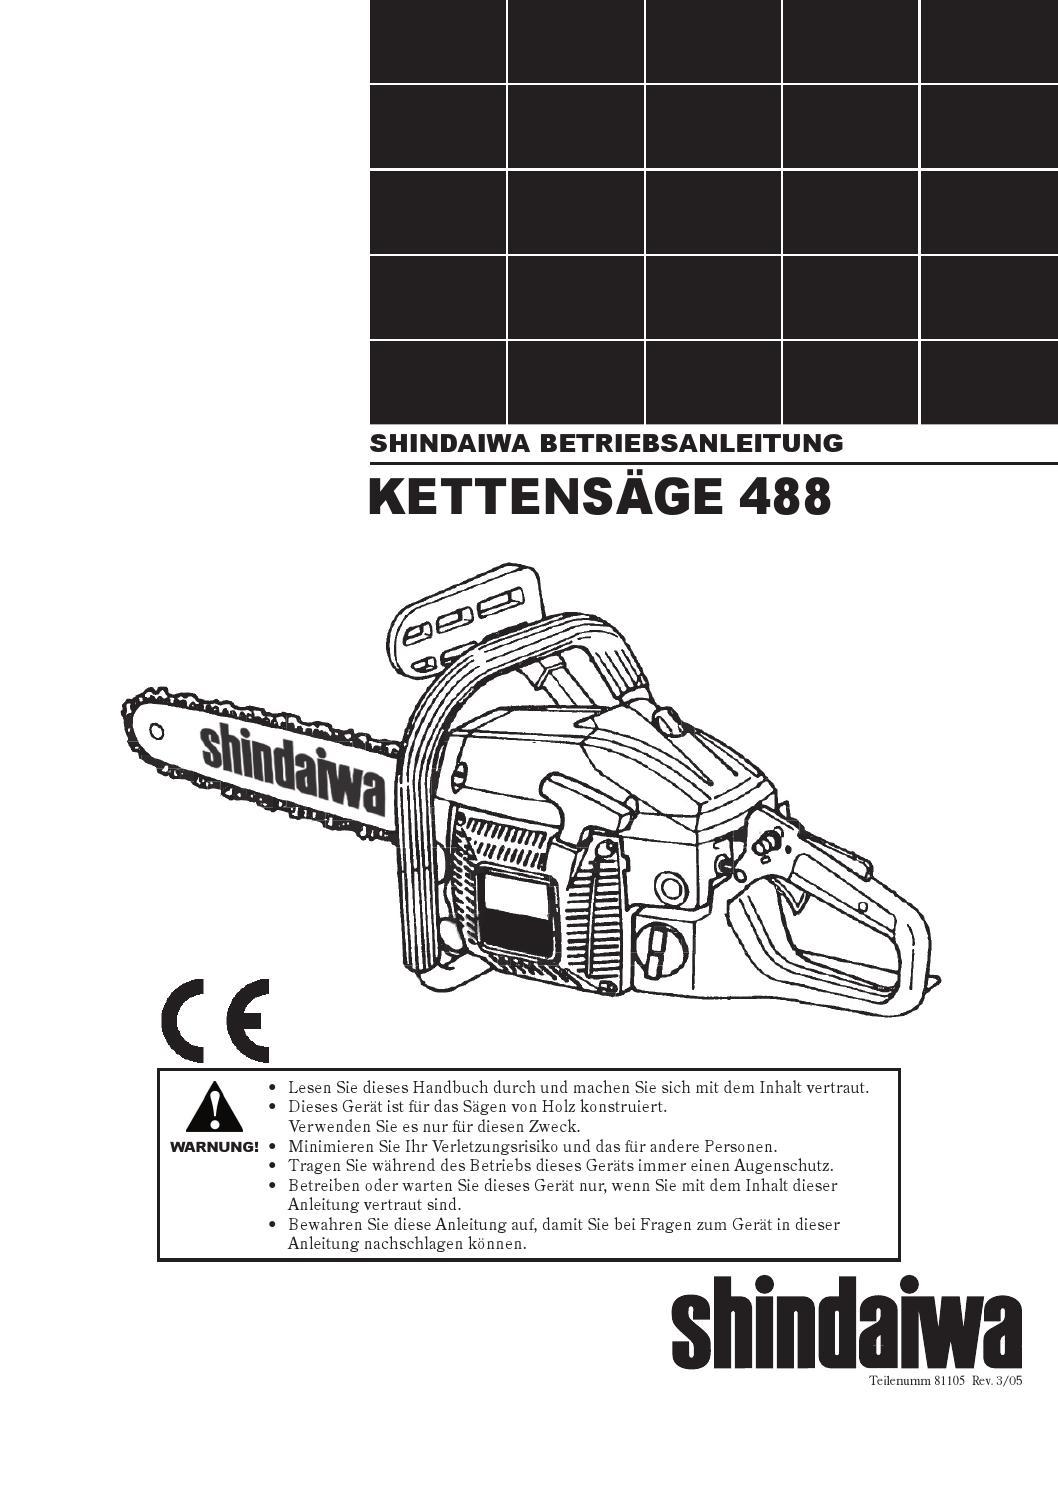 Säge_488_deutsch by Walker Vertriebs AG - issuu